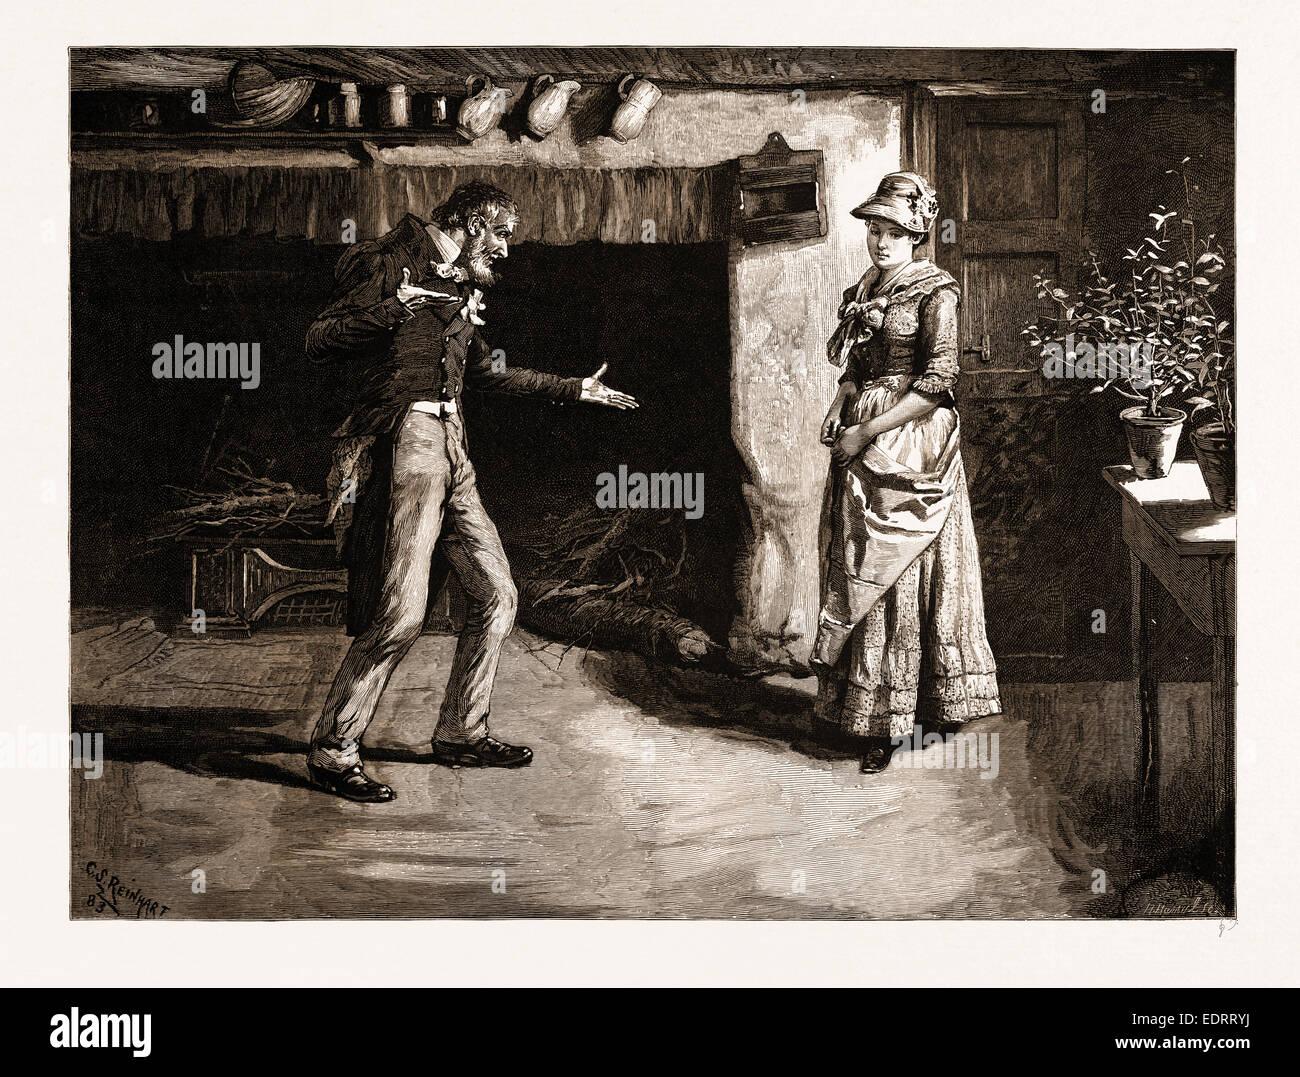 Les aventures romantiques d'une laitière: 'QU'ÊTRE ICI POUR VOUS?', 1883 Photo Stock